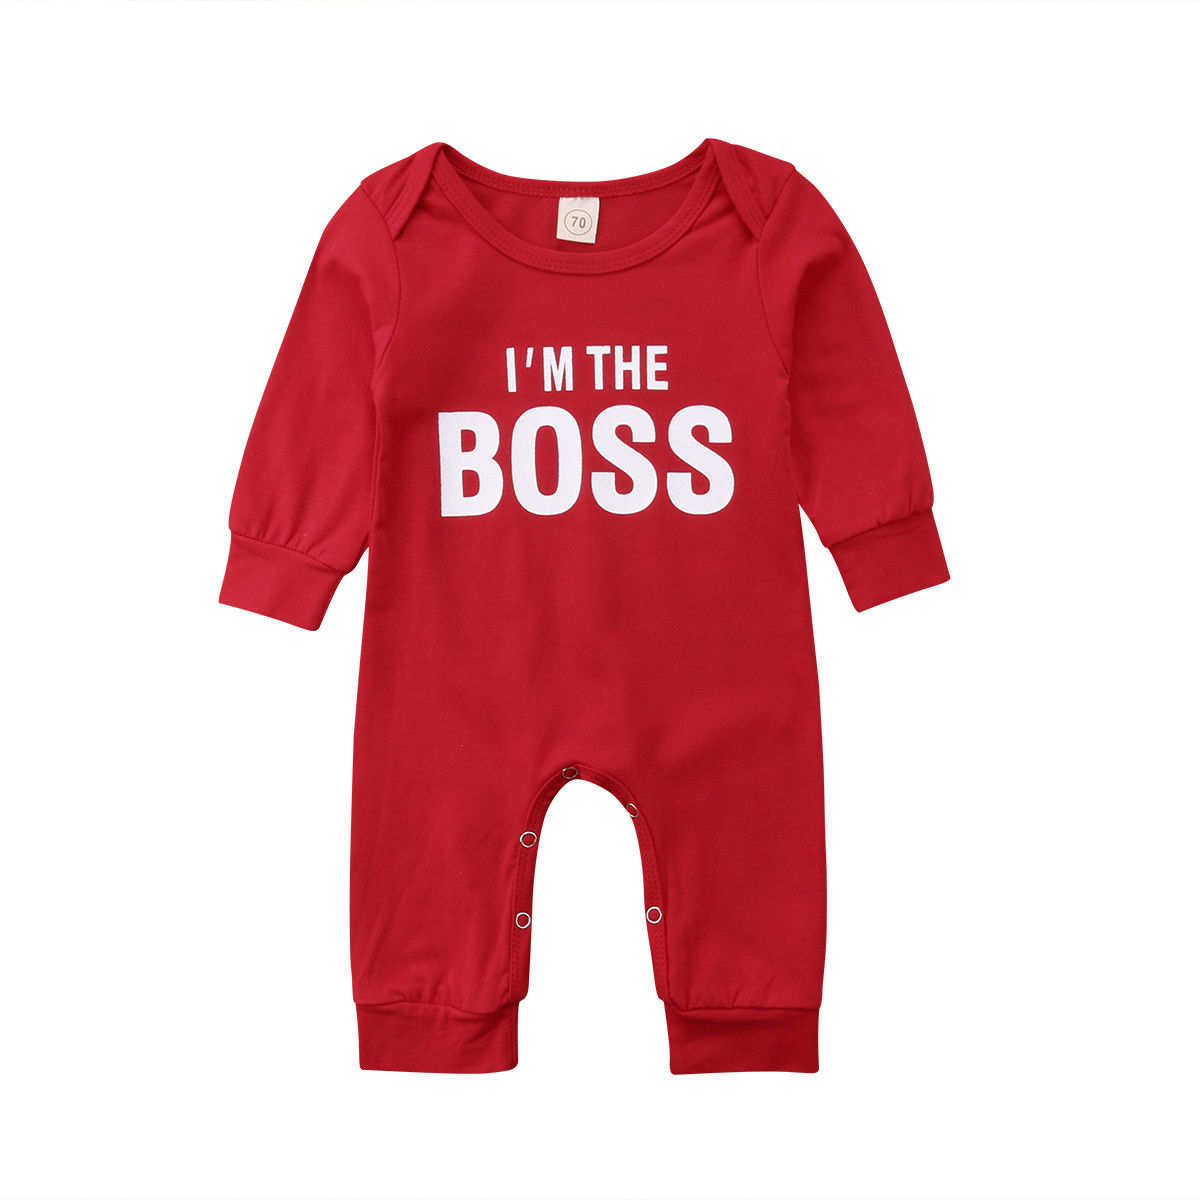 Der Chef Neugeborenen Baby Junge Mädchen Langarm Brief Drucken Baumwolle Romper Overall Outfits Baby Kleidung Rot Reinigen Der MundhöHle. Bodys & Einteiler